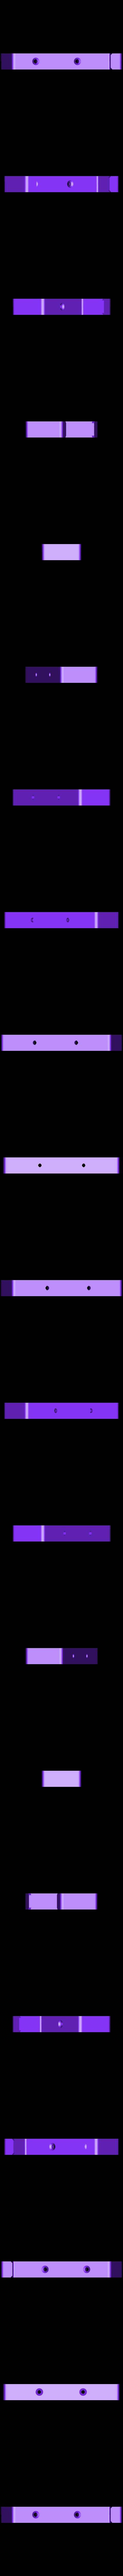 slider-bat-holder.stl Télécharger fichier STL gratuit Slider de caméra motorisé MK3 • Modèle pour impression 3D, Adafruit